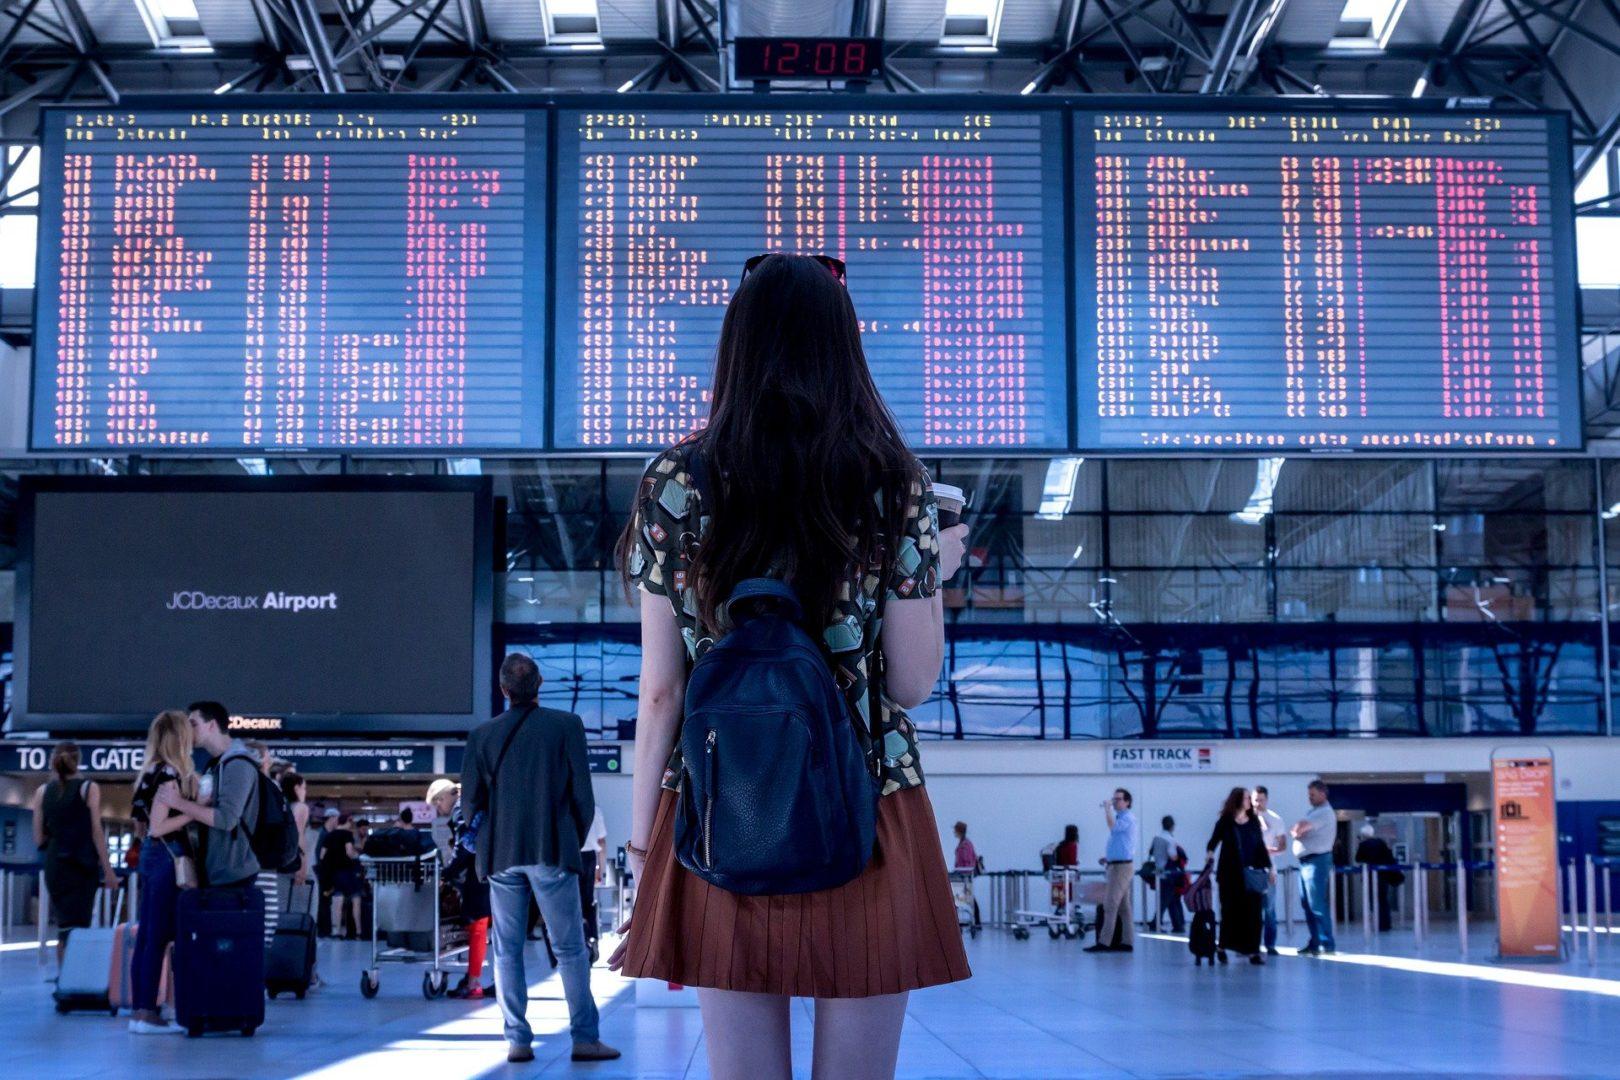 Gérer des imprévus en voyage, comme un vol retardé ou déplacé